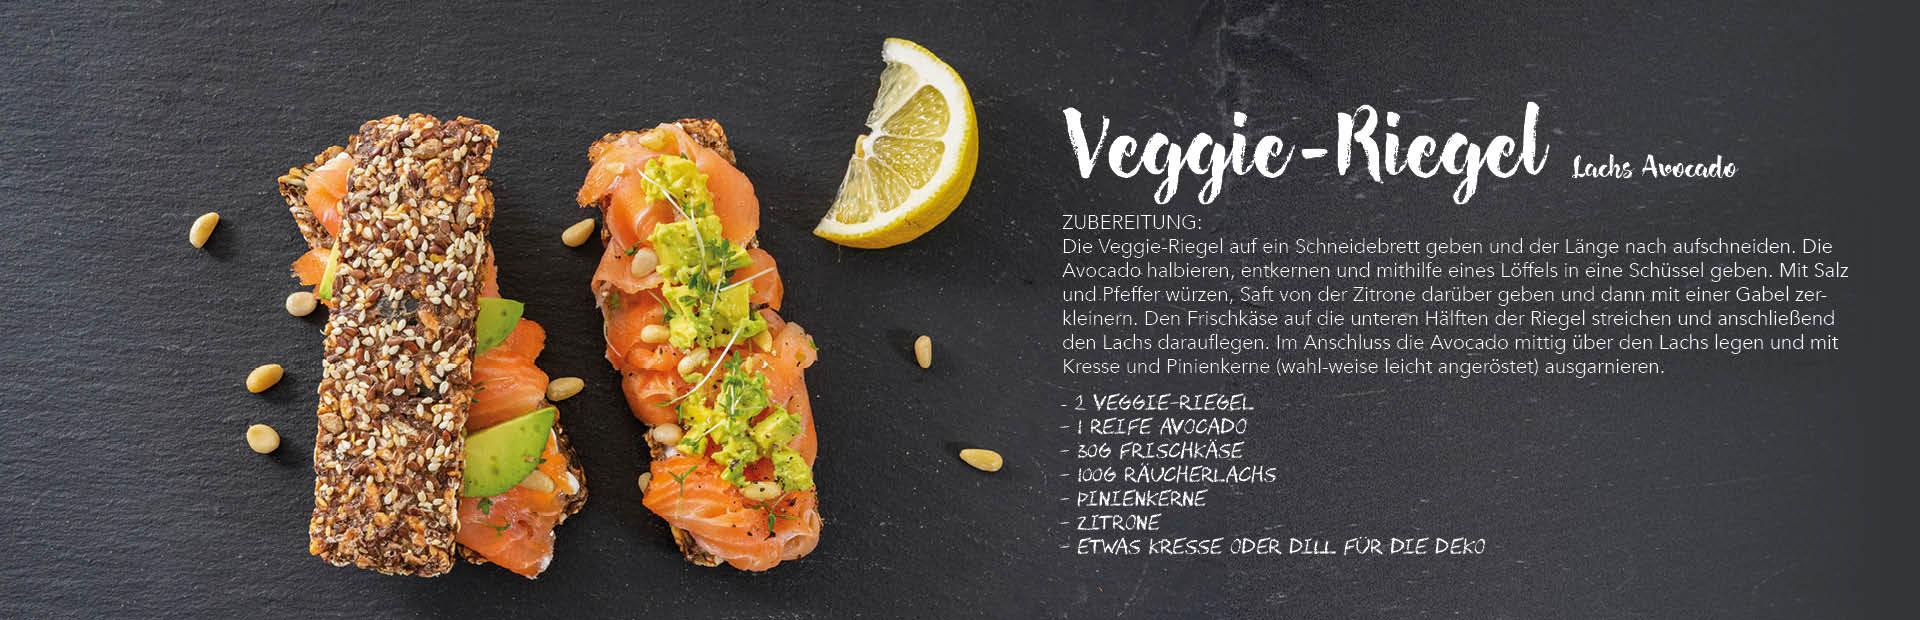 Guschlbauer_Backwaren_Veggie-Riegel_Rezepte2